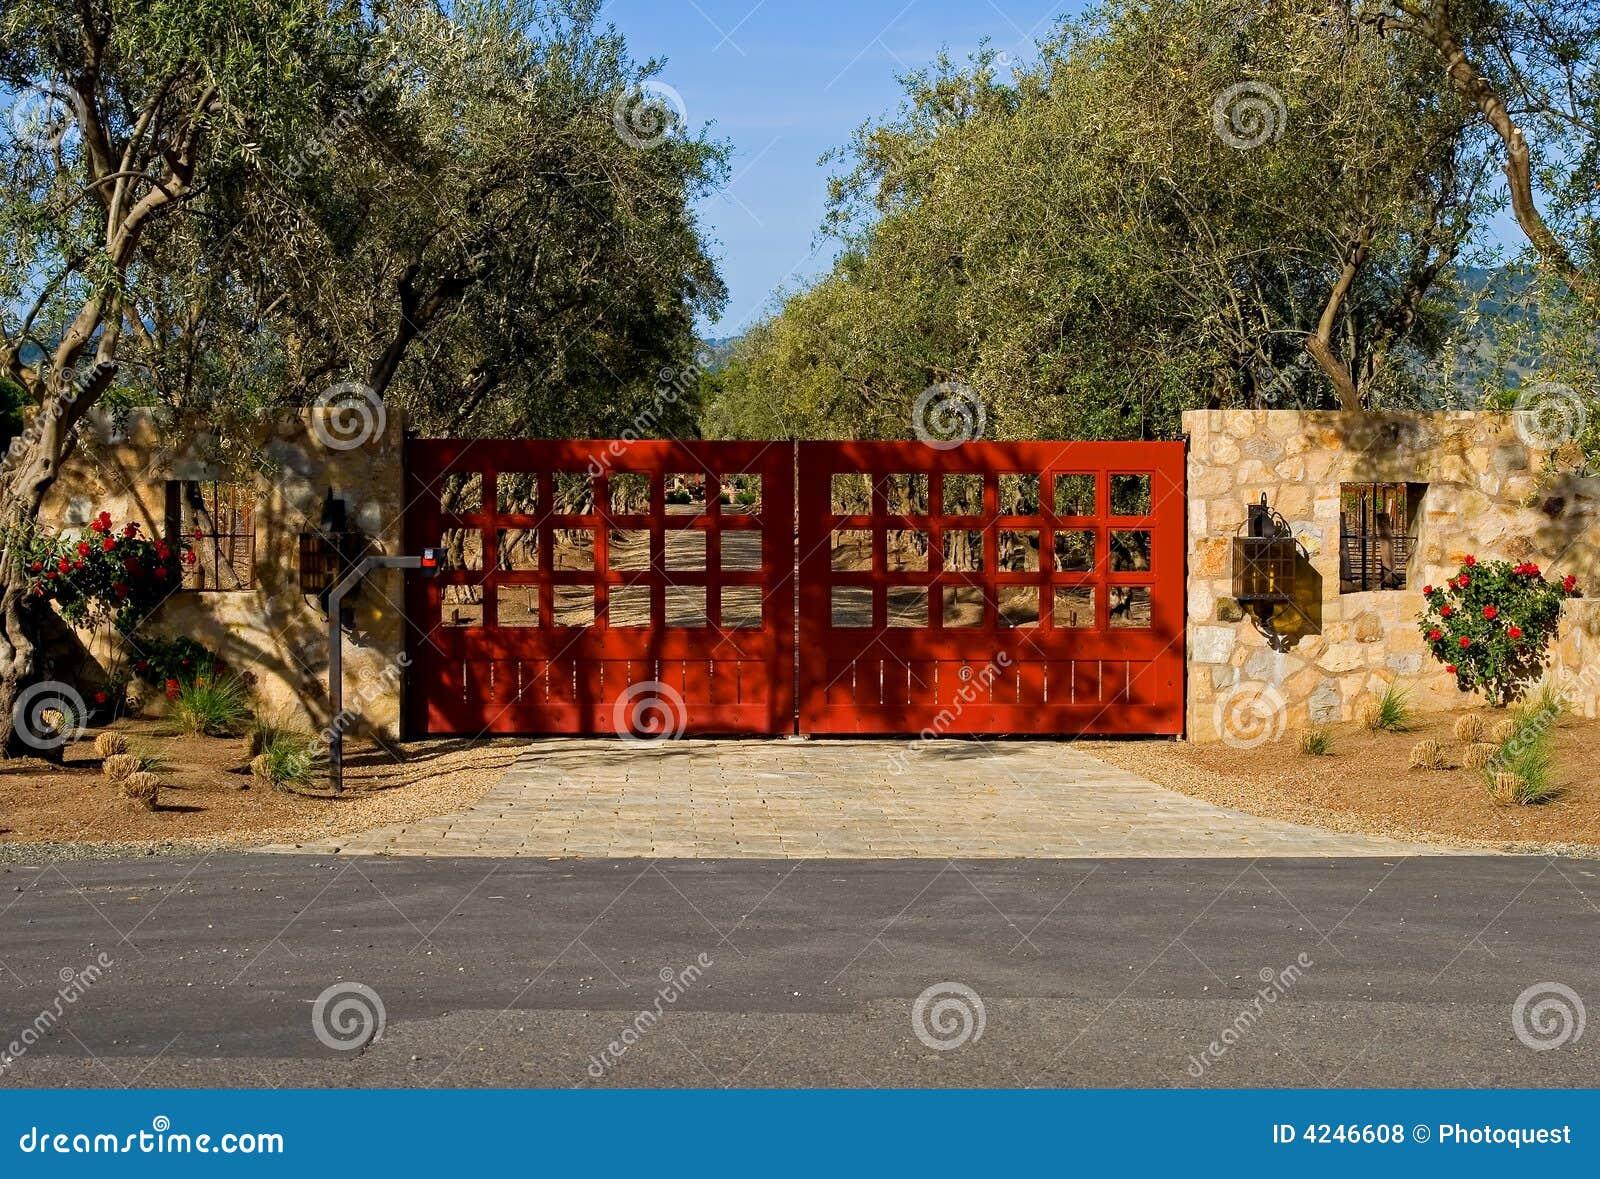 Strada privata privata con grandi cancelli rossi for Strada privata